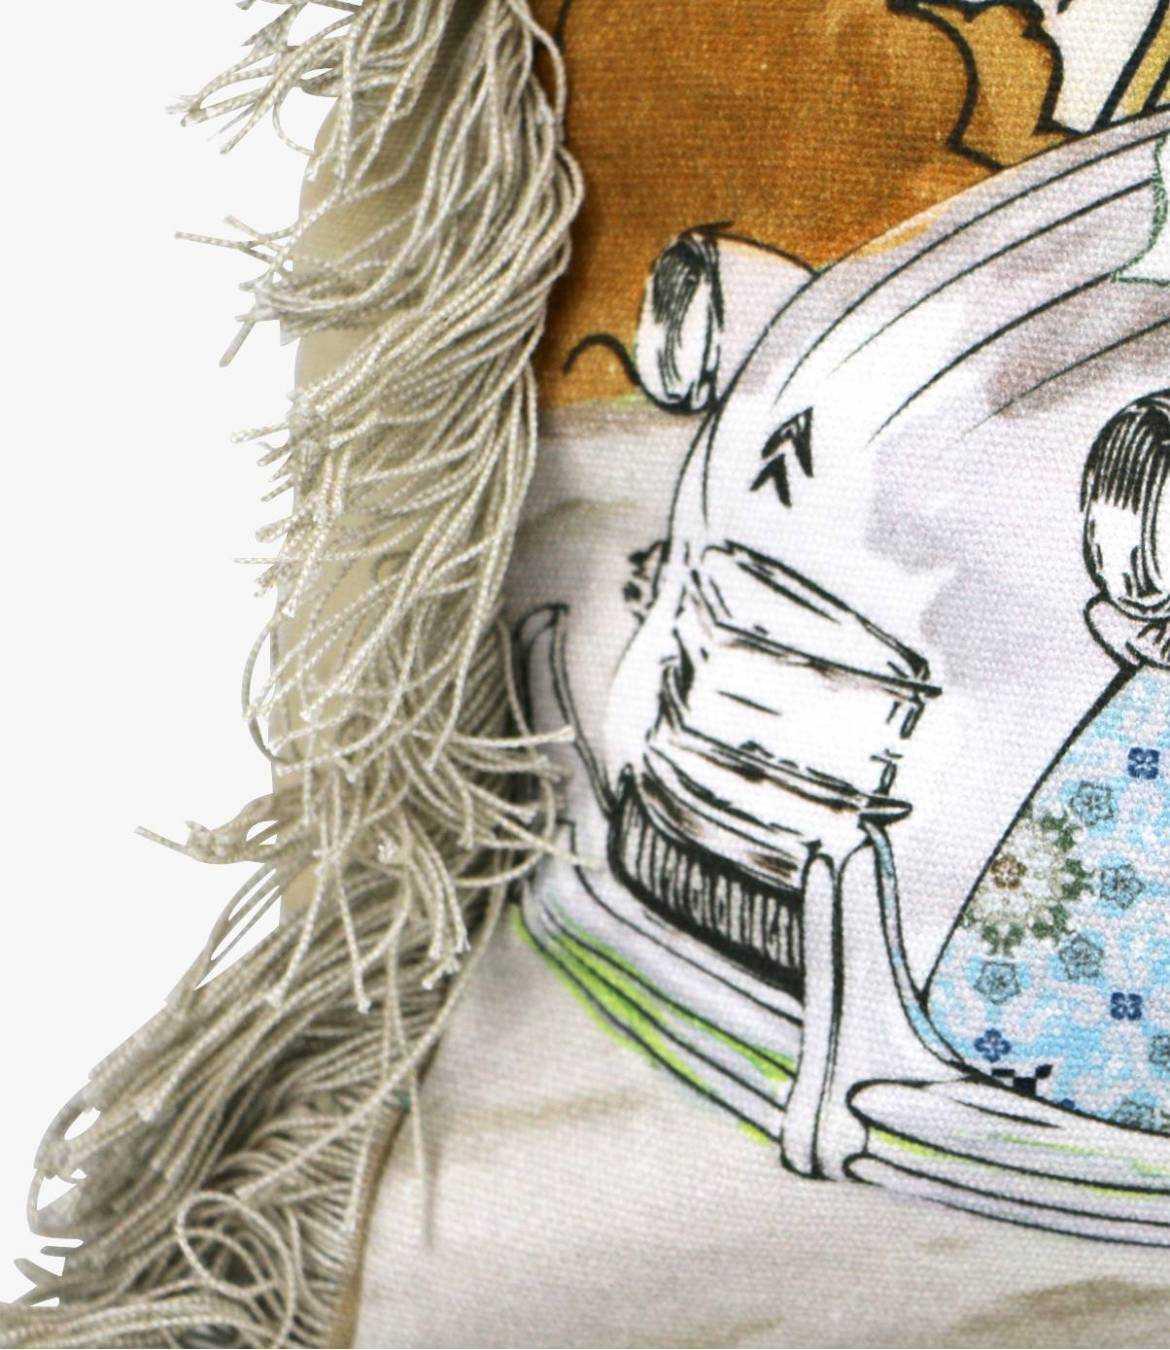 CRUISE - GAMME VOYAGE Sac en Coton pour Femme 40x30x15 cm Storiatipic - 6